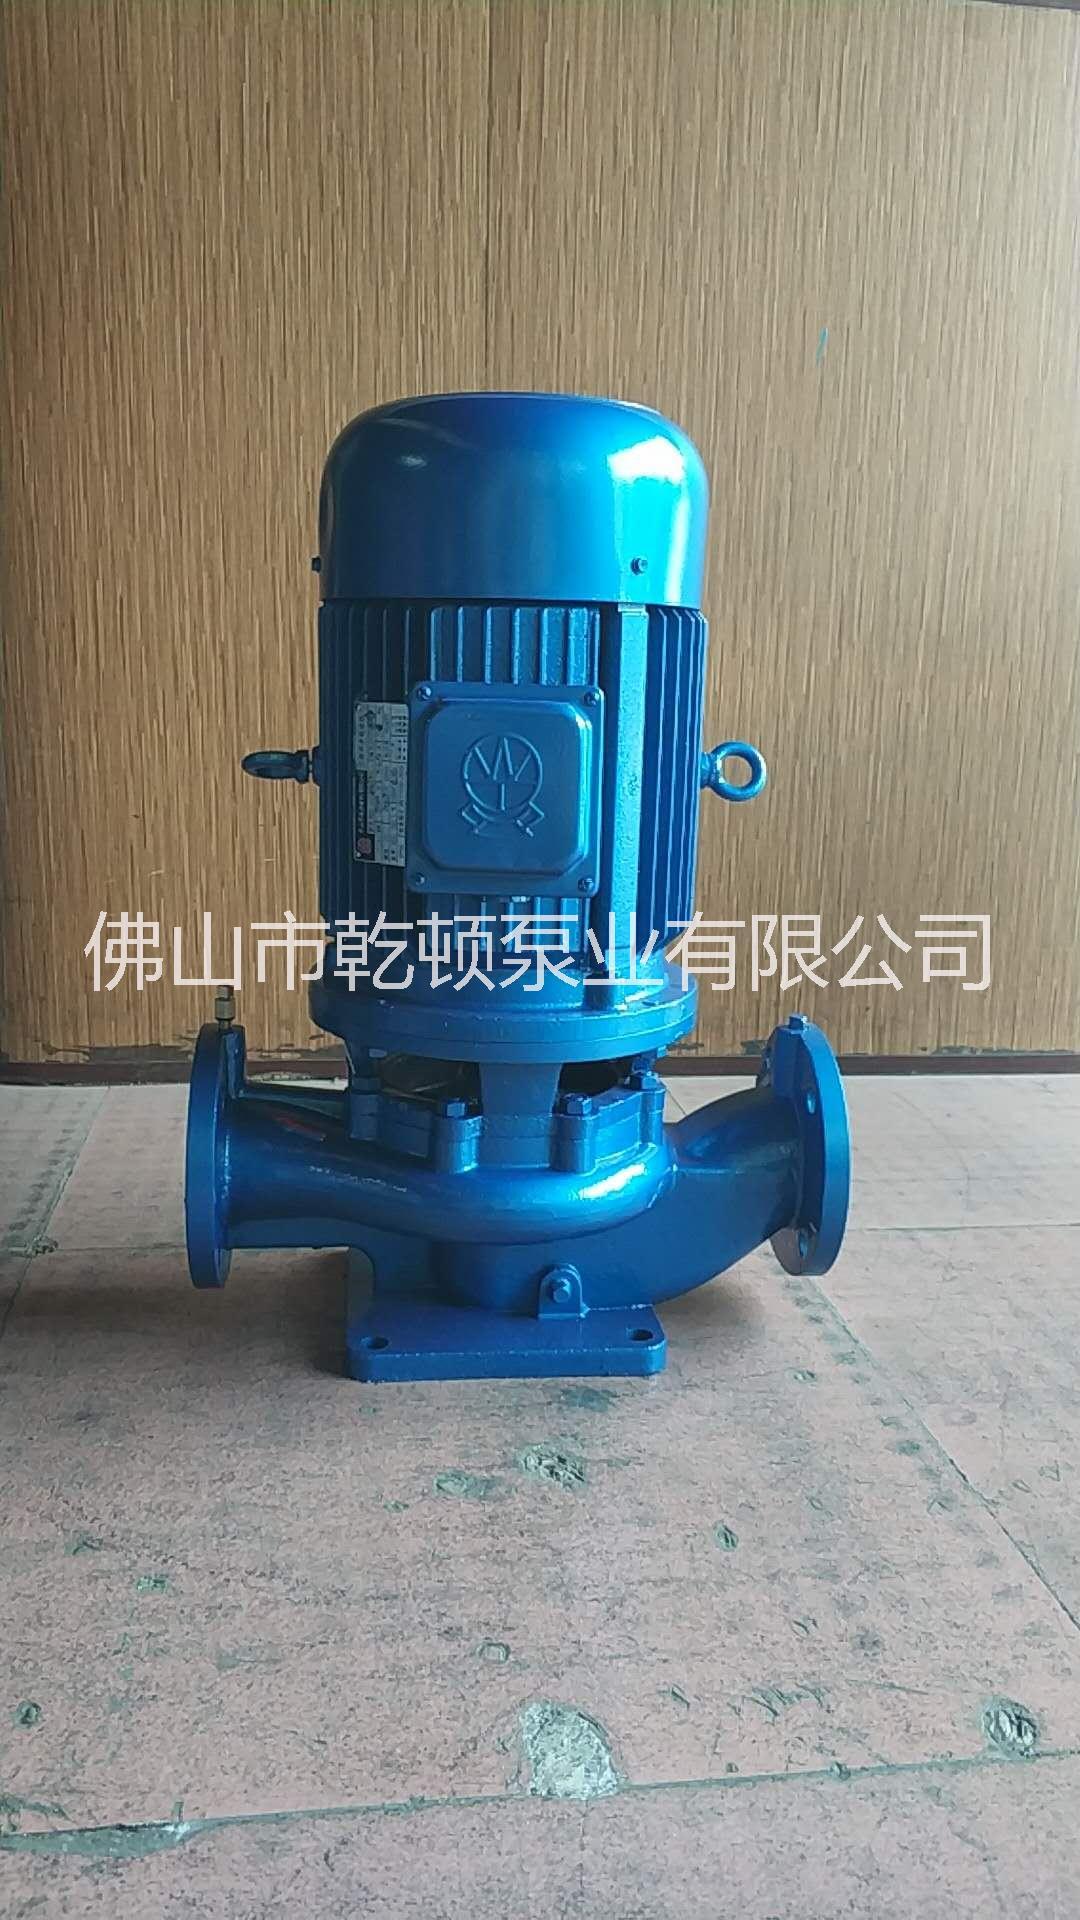 佛山环保工程排水管道离心泵厂家型号生产销售批发直销供应价格电话